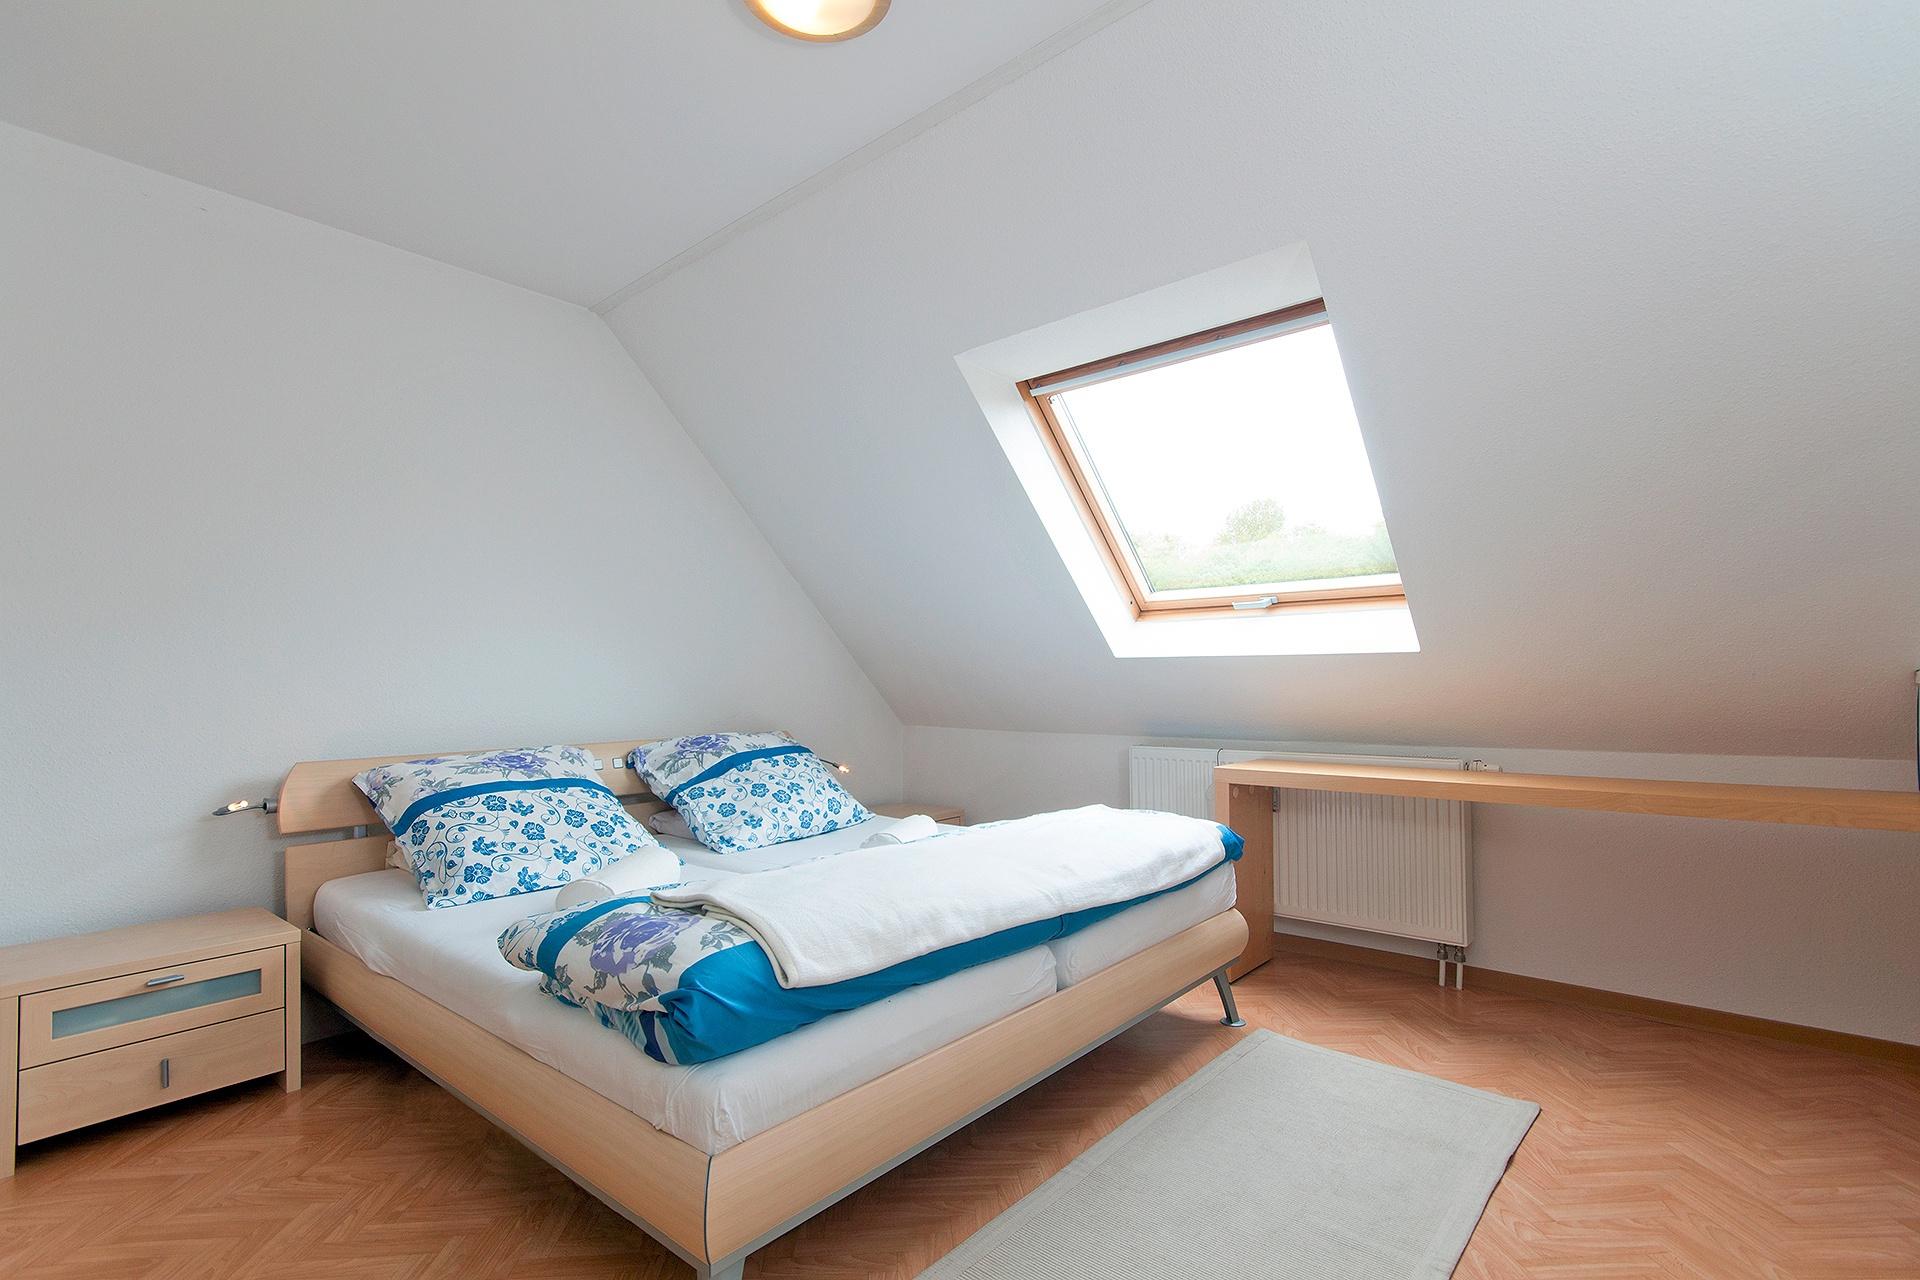 phi aachen hier stimmt preis und leistung 3 zimmer wohnetage in beliebter lage von stolberg. Black Bedroom Furniture Sets. Home Design Ideas